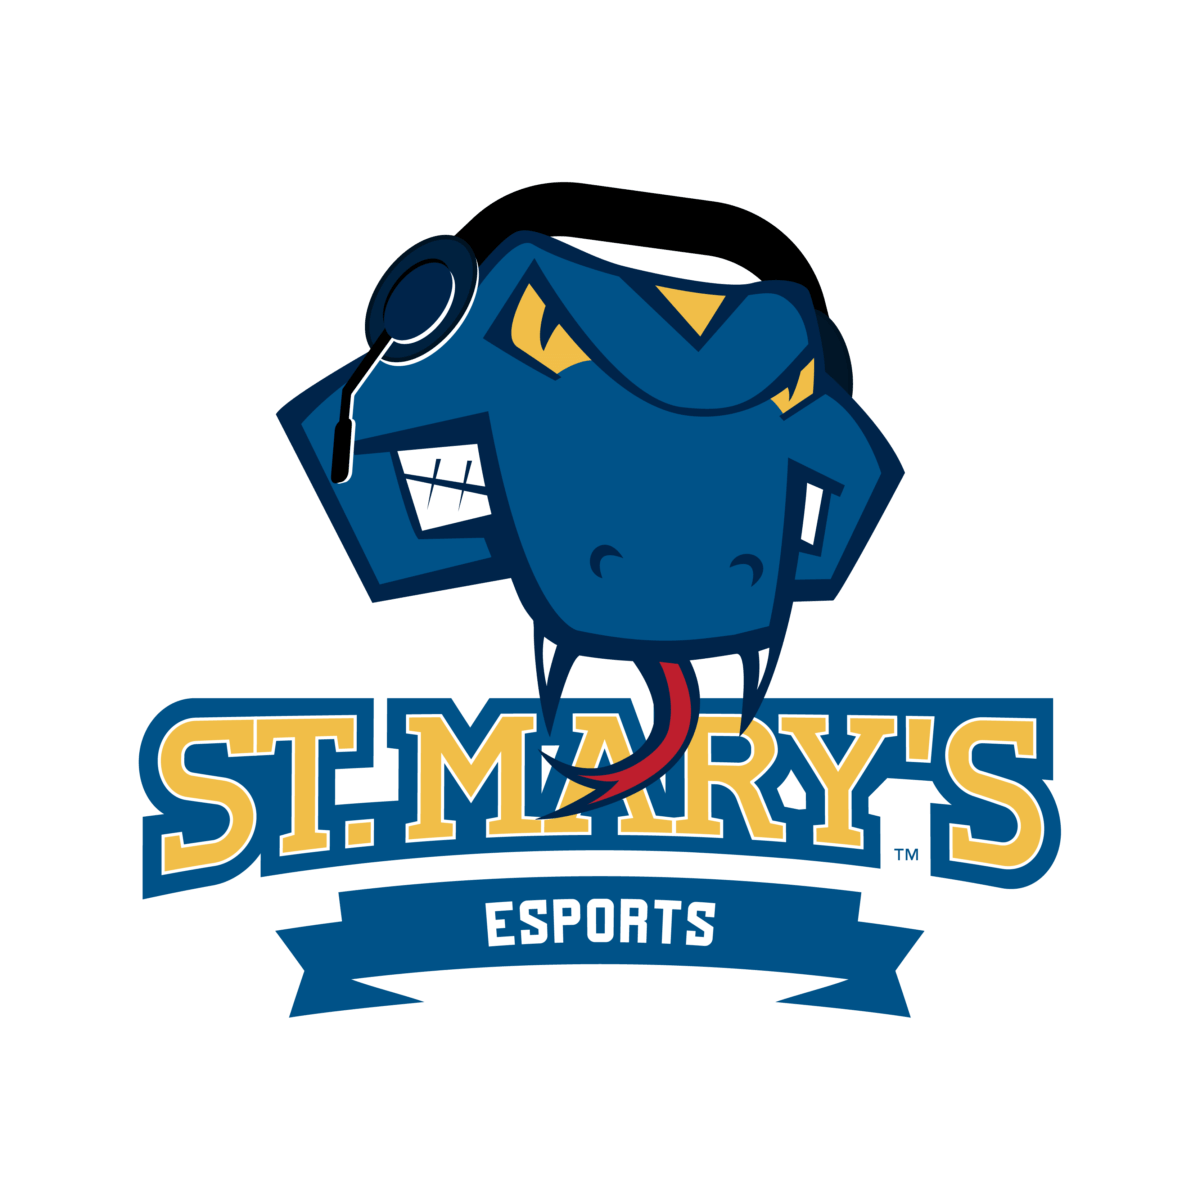 St. Mary's eSports logo